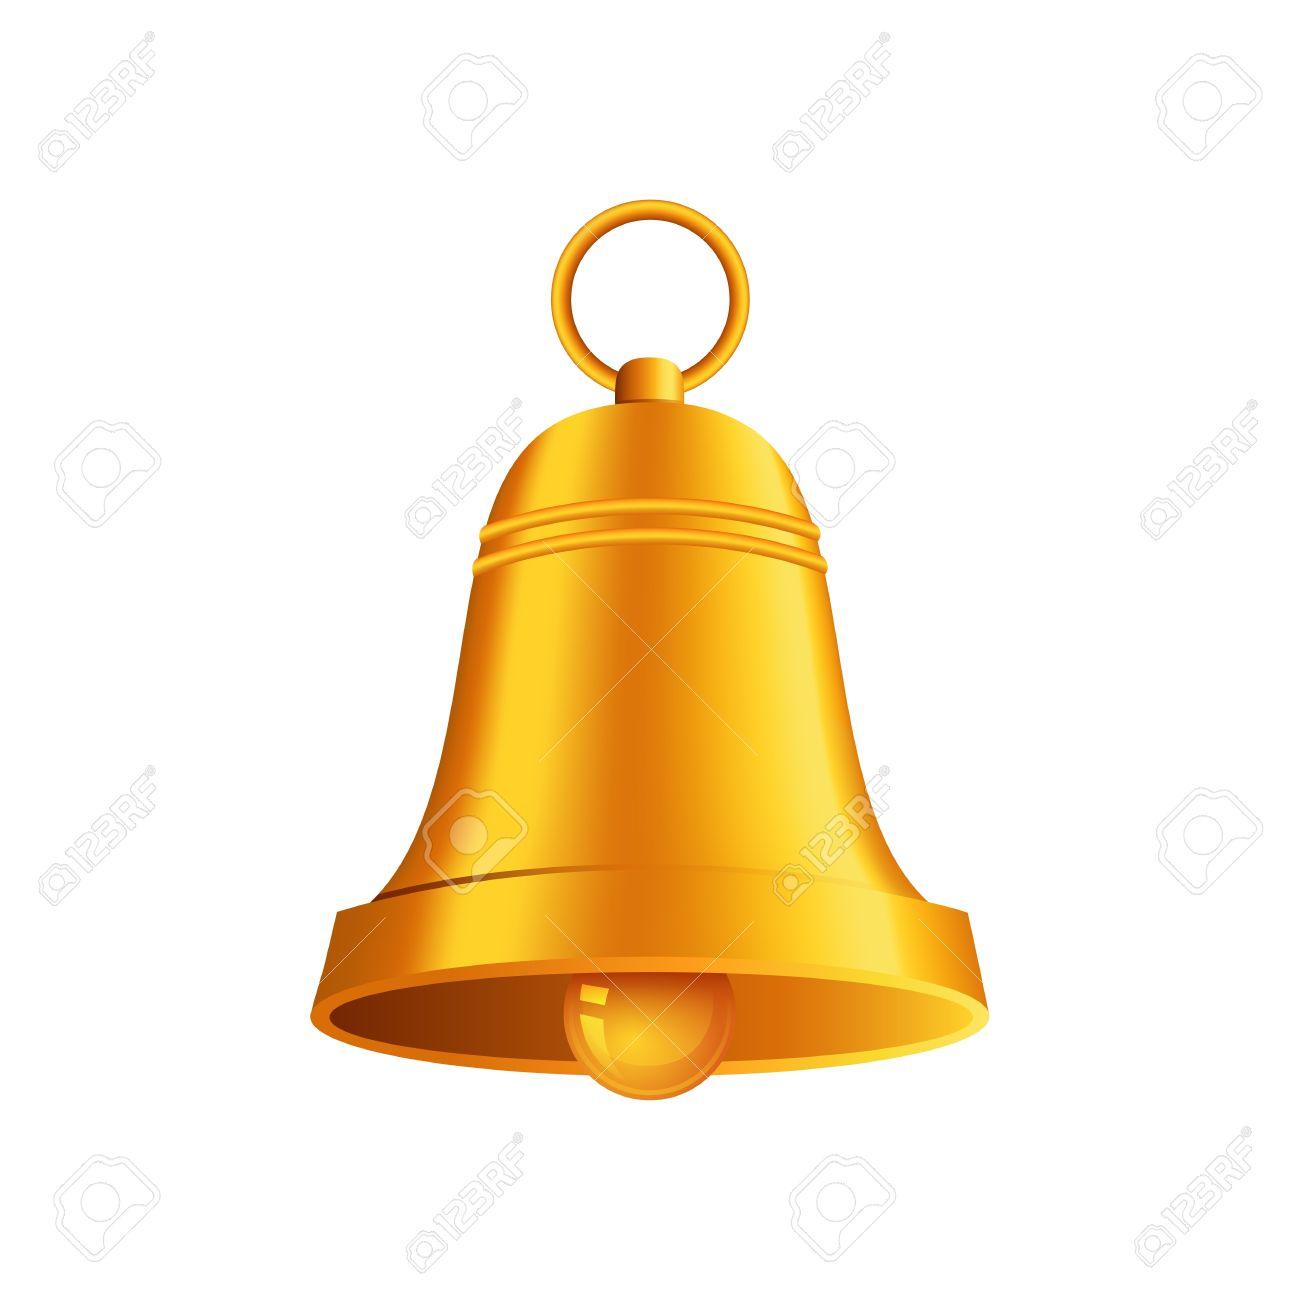 shiny golden Christmas bell - 15977500